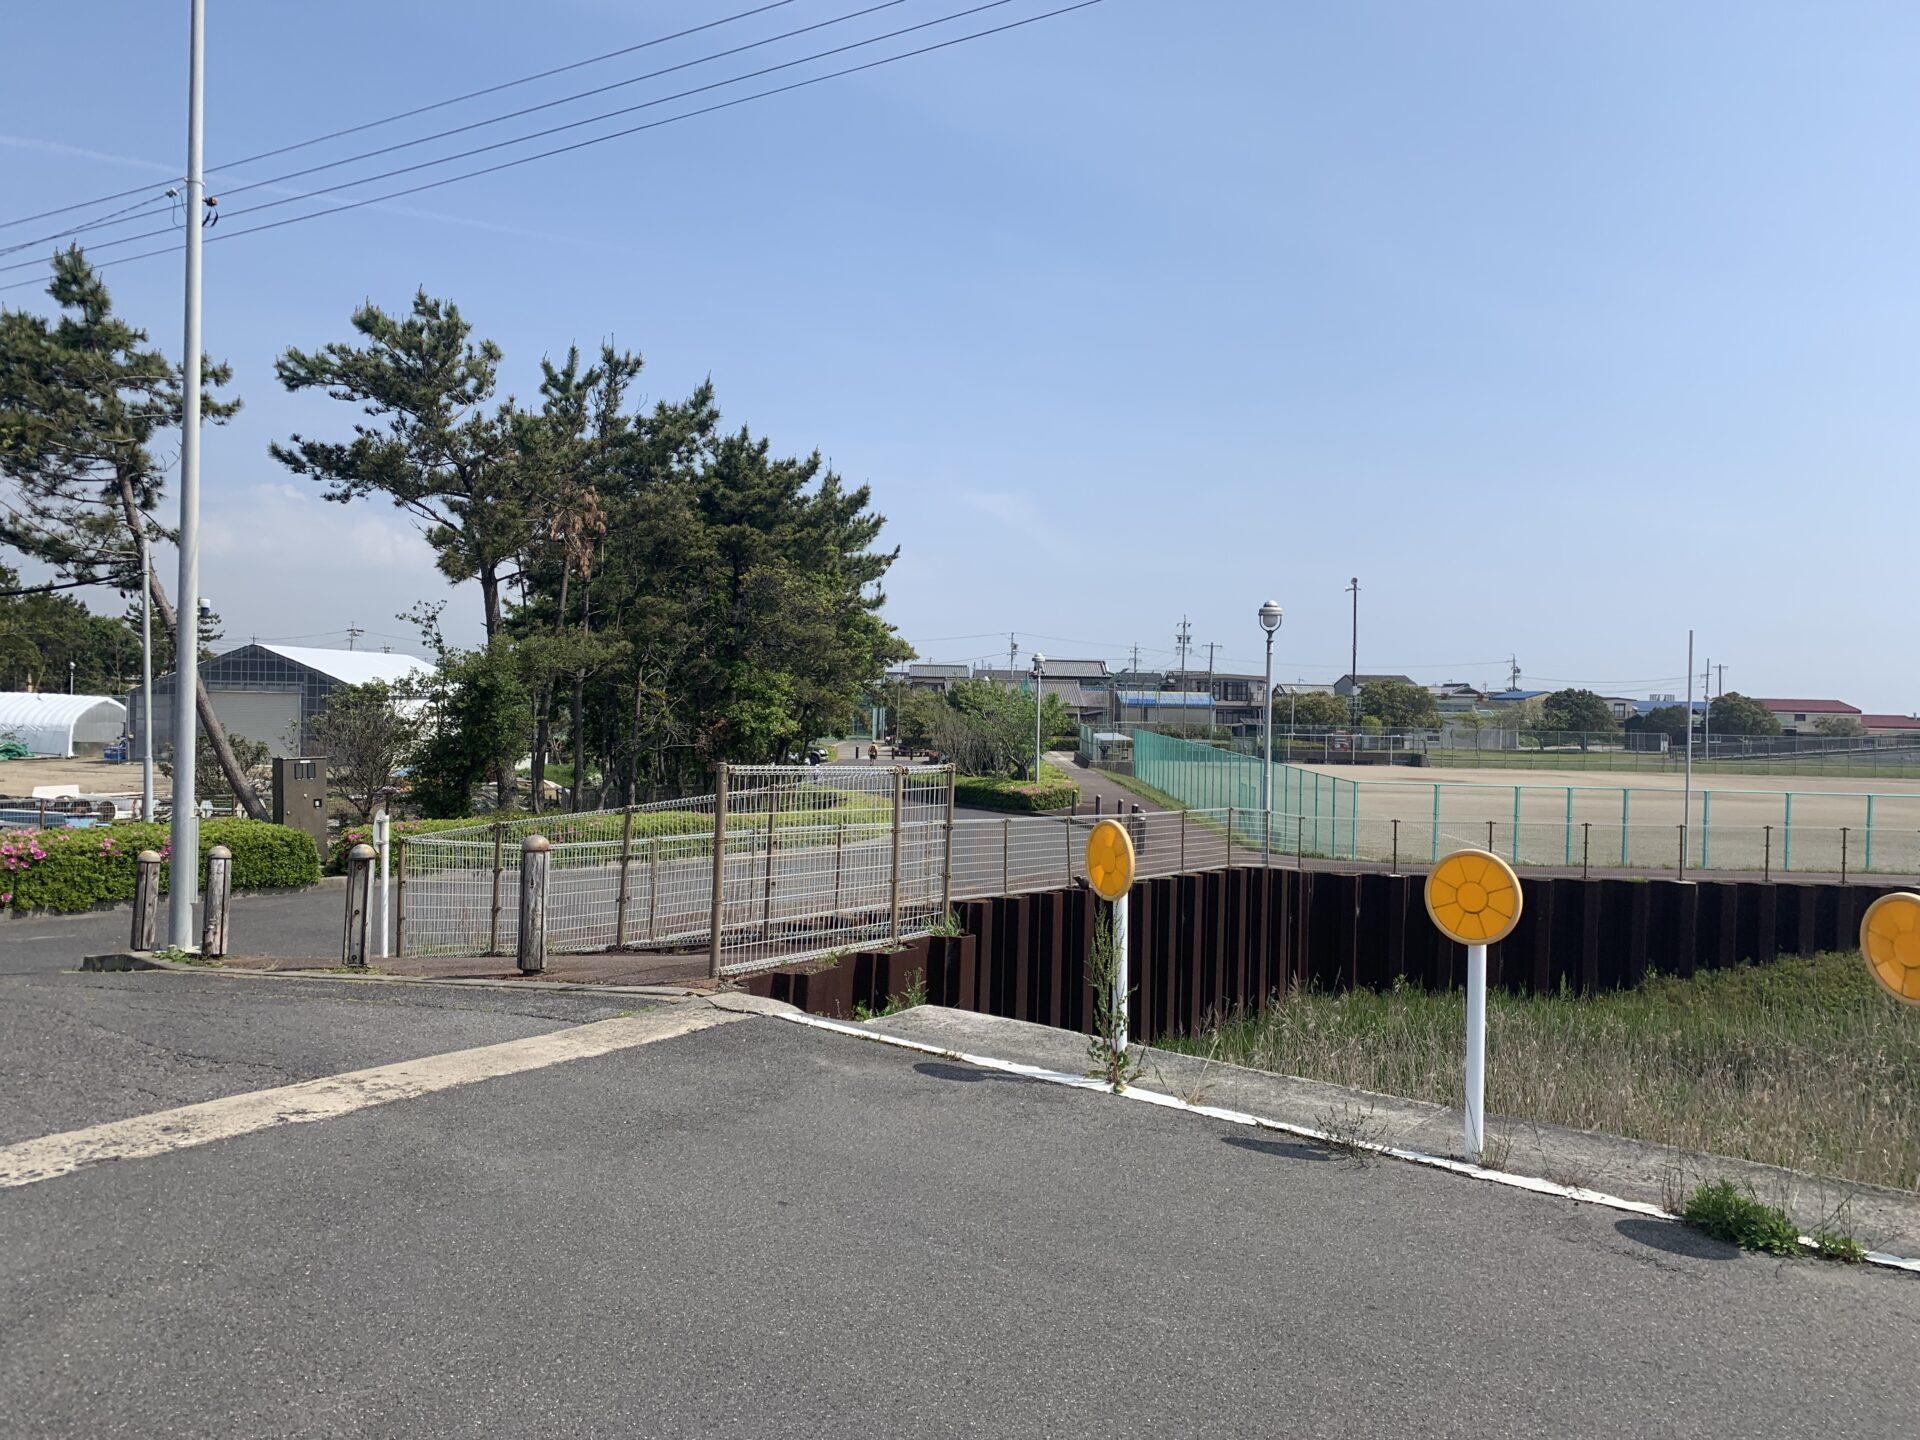 あえて過酷な状況を作り出しての南部丘陵⇄箕田公園往復40kmLSDを実施